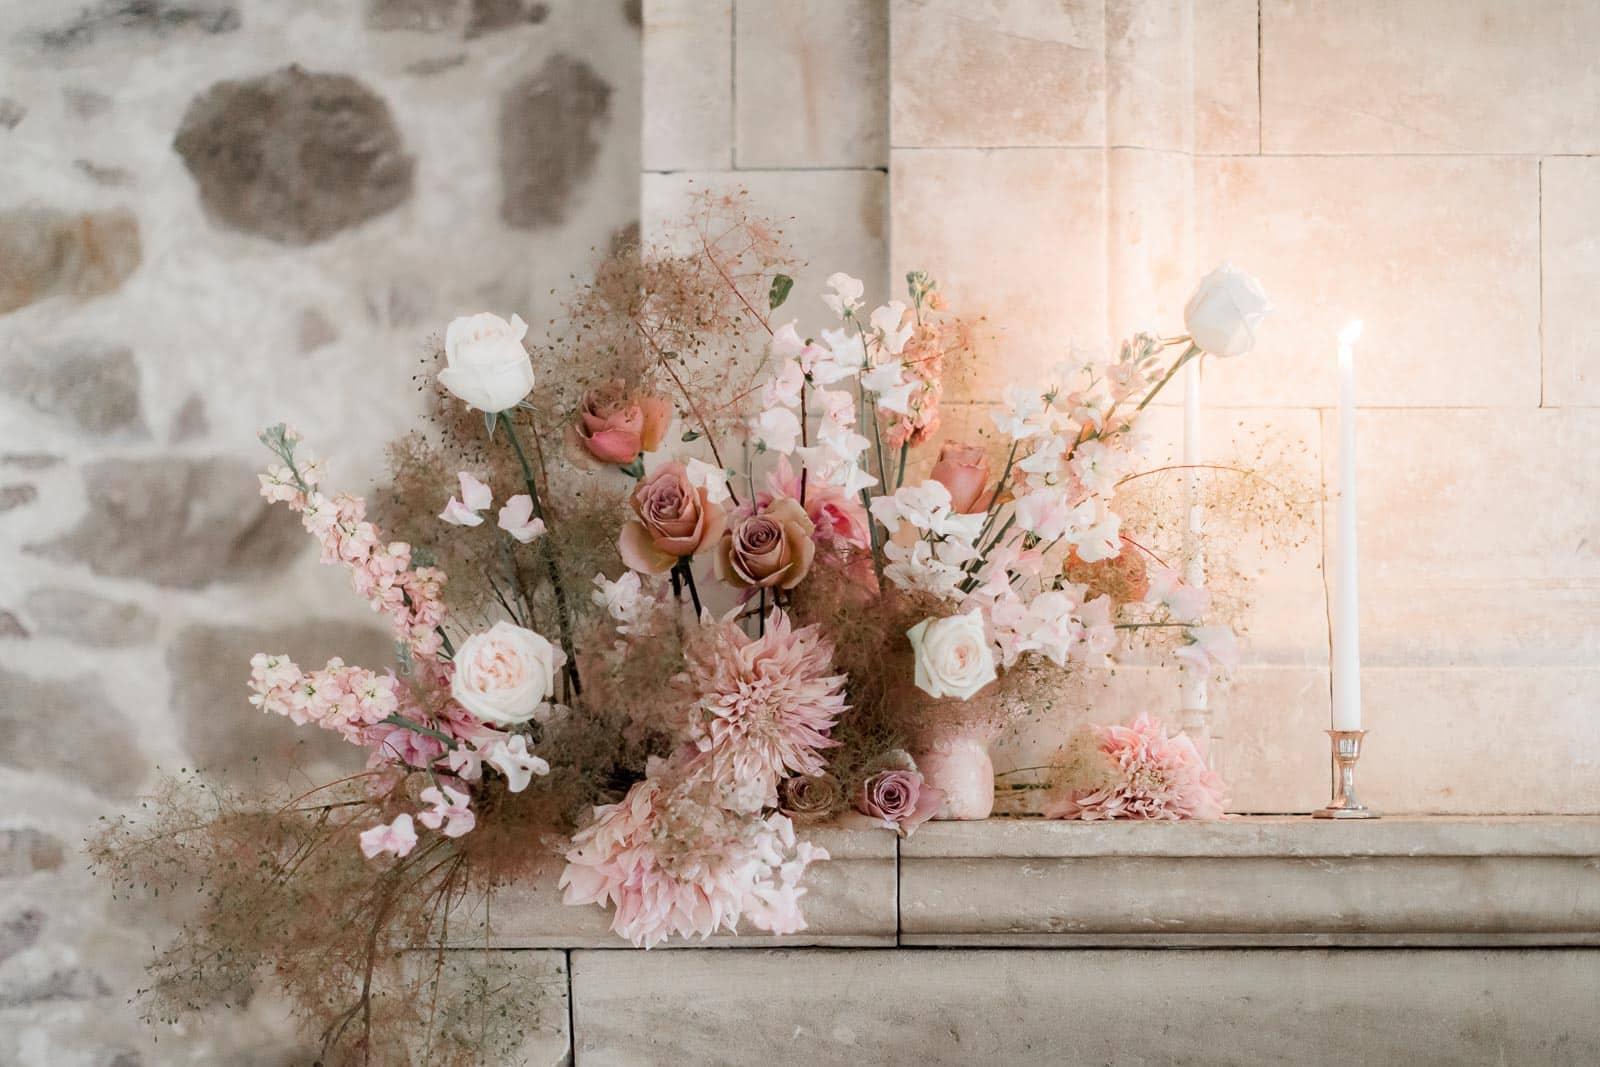 Photographie de Mathieu Dété présentant le bouquet du mariage au dessus de la cheminée